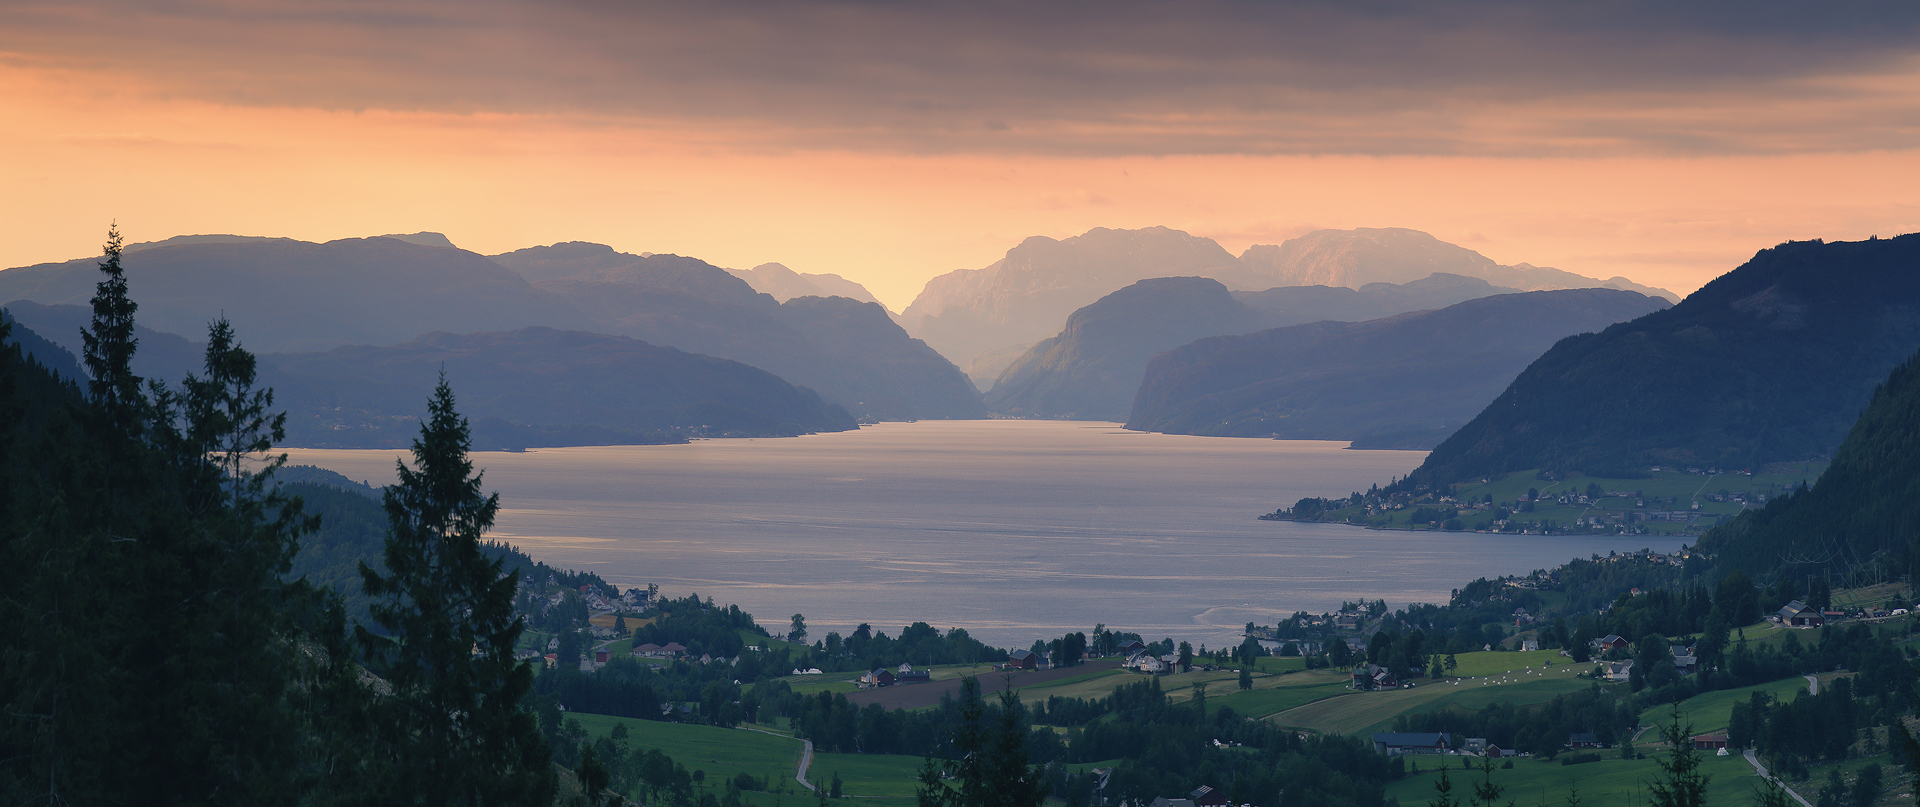 панорама, фьорд, норвегия, лето, вечер, Евгений Матюшенков